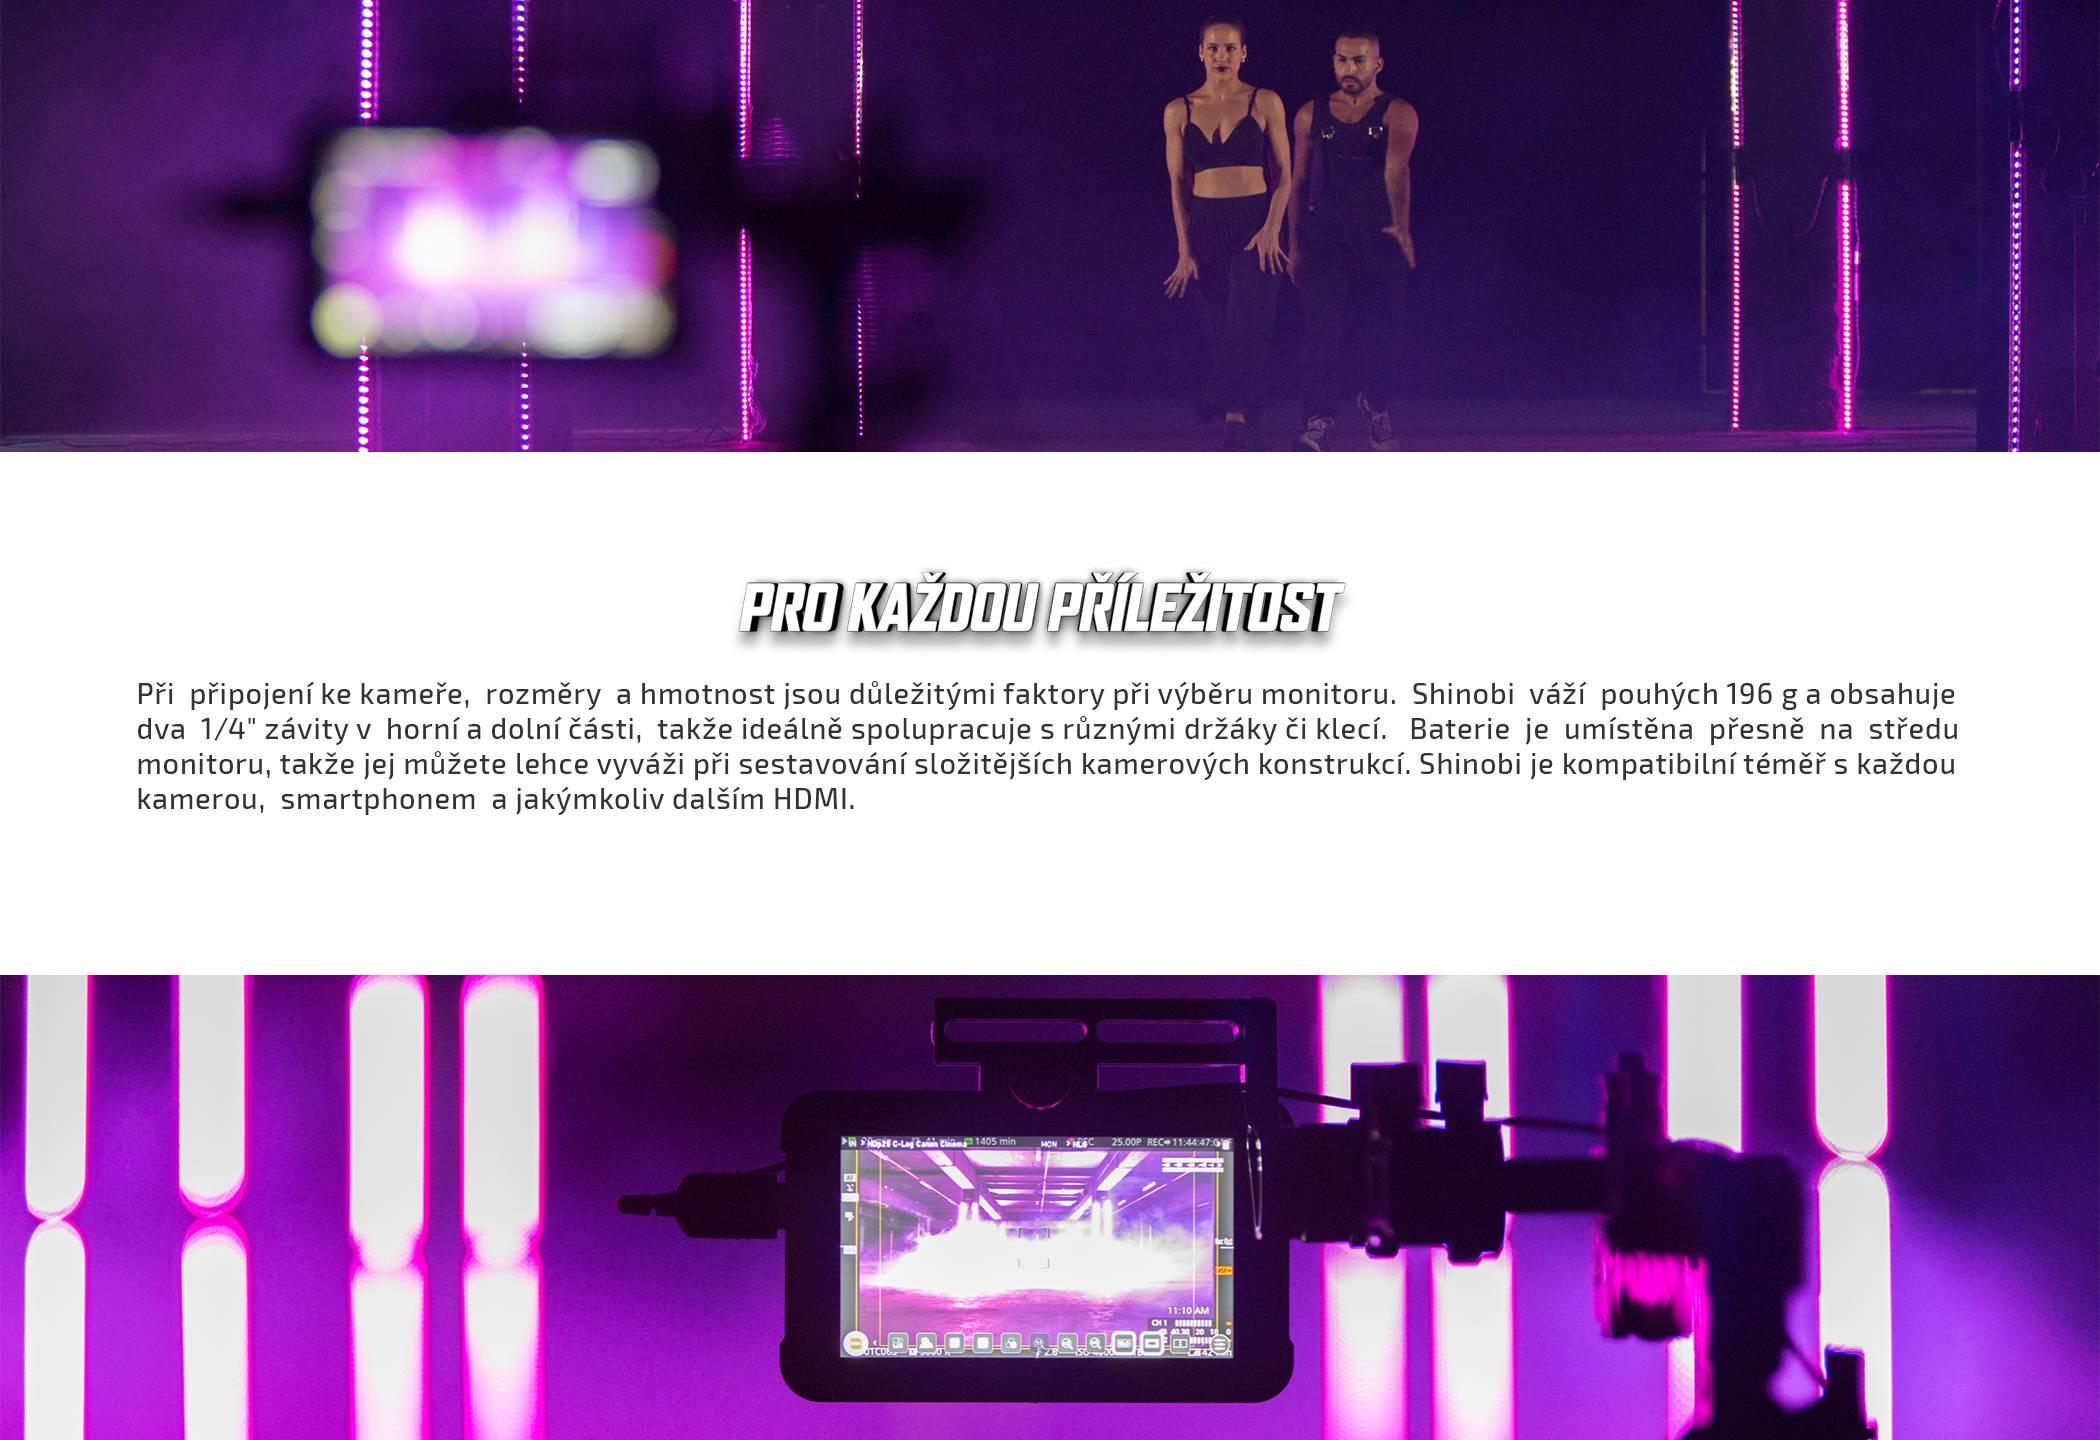 film-technika-atomos-shinobi-hdmi-5-inch-náhledový-monitor-pro-kařdou-příležitost_1